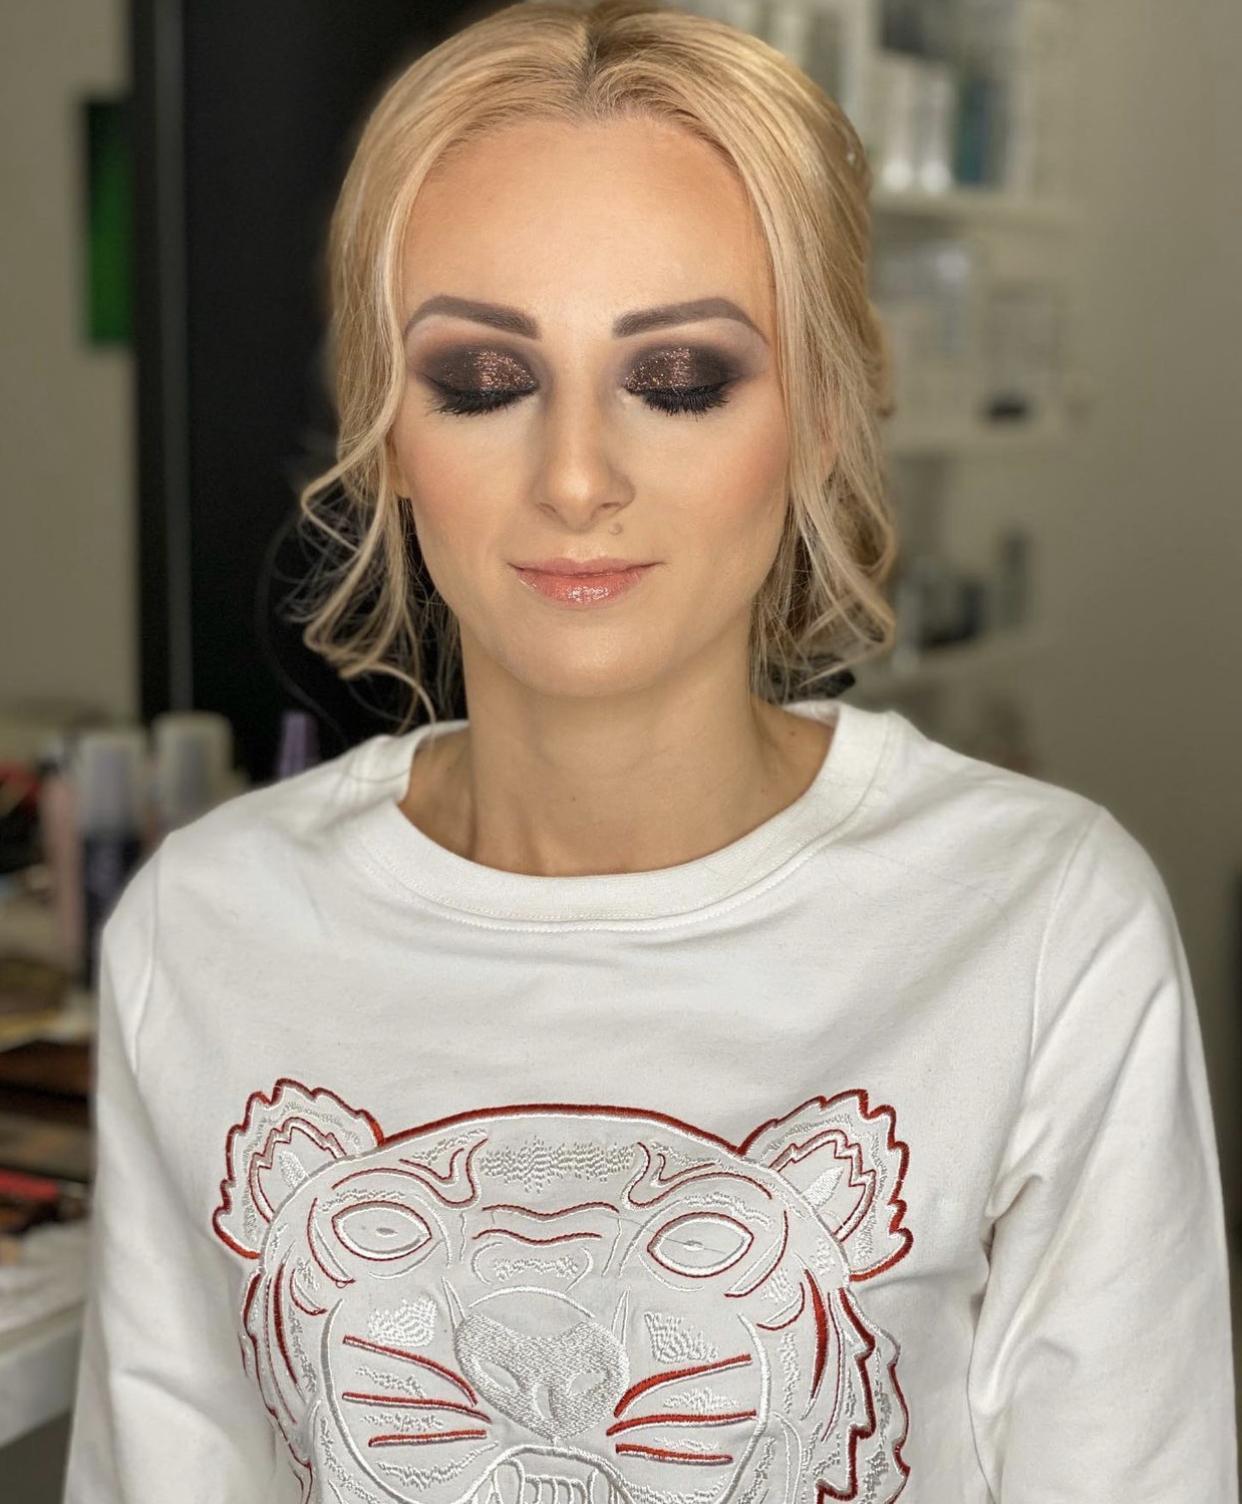 Makeup klientky ✨ - Obrázok č. 3